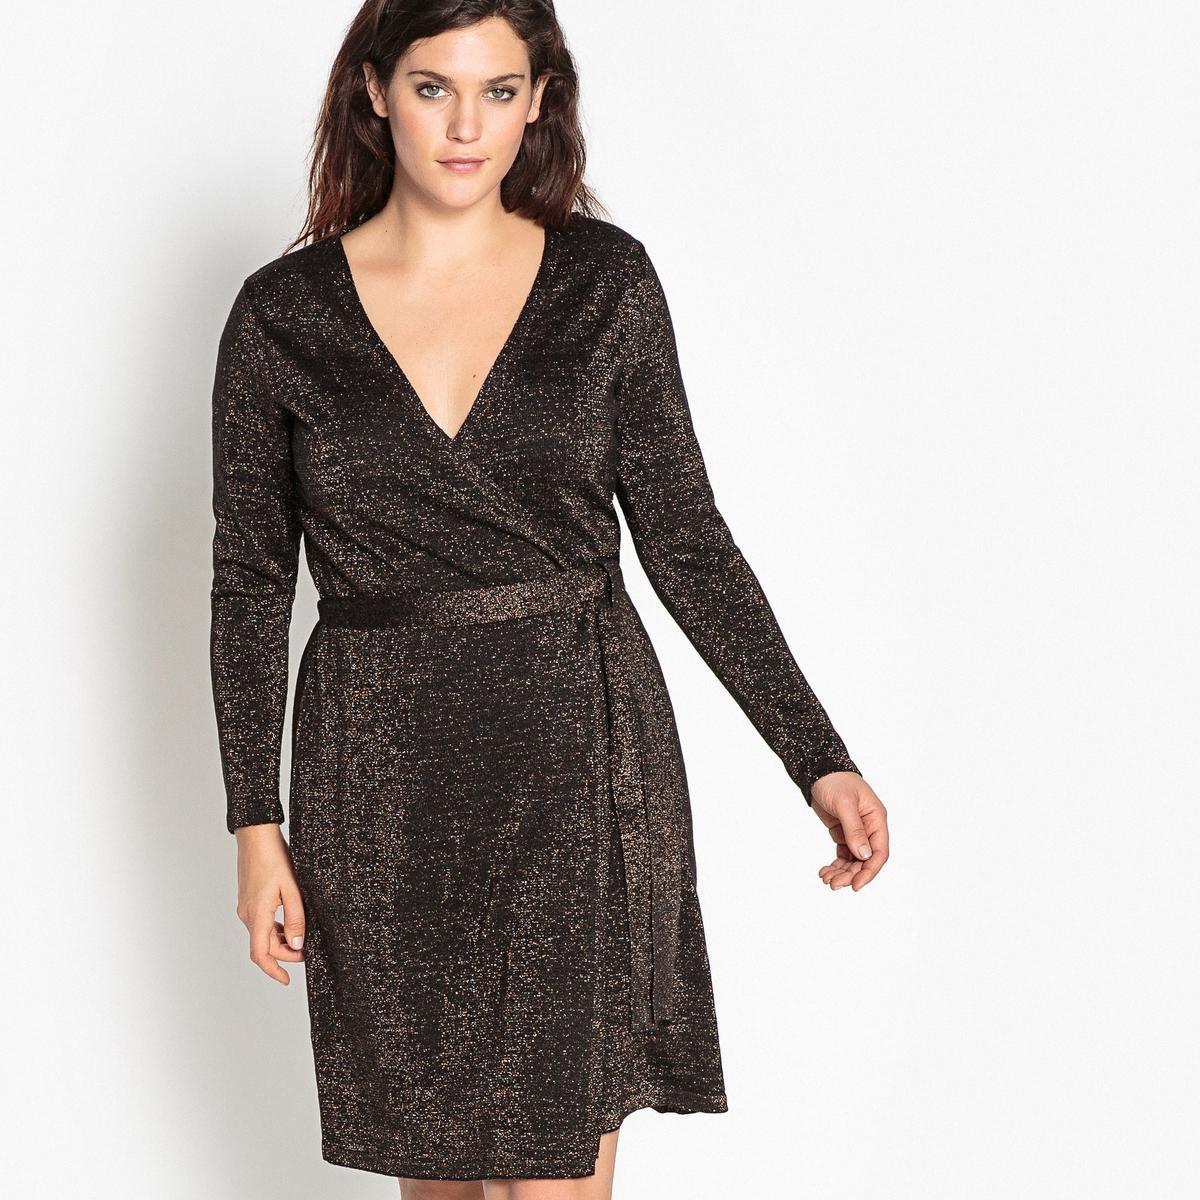 Платье с запахом средней длины и длинными рукавамиОписание:Очень элегантное и ультра женственное платье с запахом . Платье с запахом из блестящего трикотажа идеально для вечерних выходов в свет.Детали •  Форма : с запахом  •  Длина до колен •  Длинные рукава    •   V-образный вырезСостав и уход •  84% акрила, 6% металлизированных волокон, 10% полиэстера •  Температура стирки 30° на деликатном режиме   • Низкая температура глажки / не отбеливать   •  Не использовать барабанную сушку • Сухая чистка запрещенаТовар из коллекции больших размеров<br><br>Цвет: черный/золотистый люрекс<br>Размер: 54 (FR) - 60 (RUS).50 (FR) - 56 (RUS).48 (FR) - 54 (RUS)